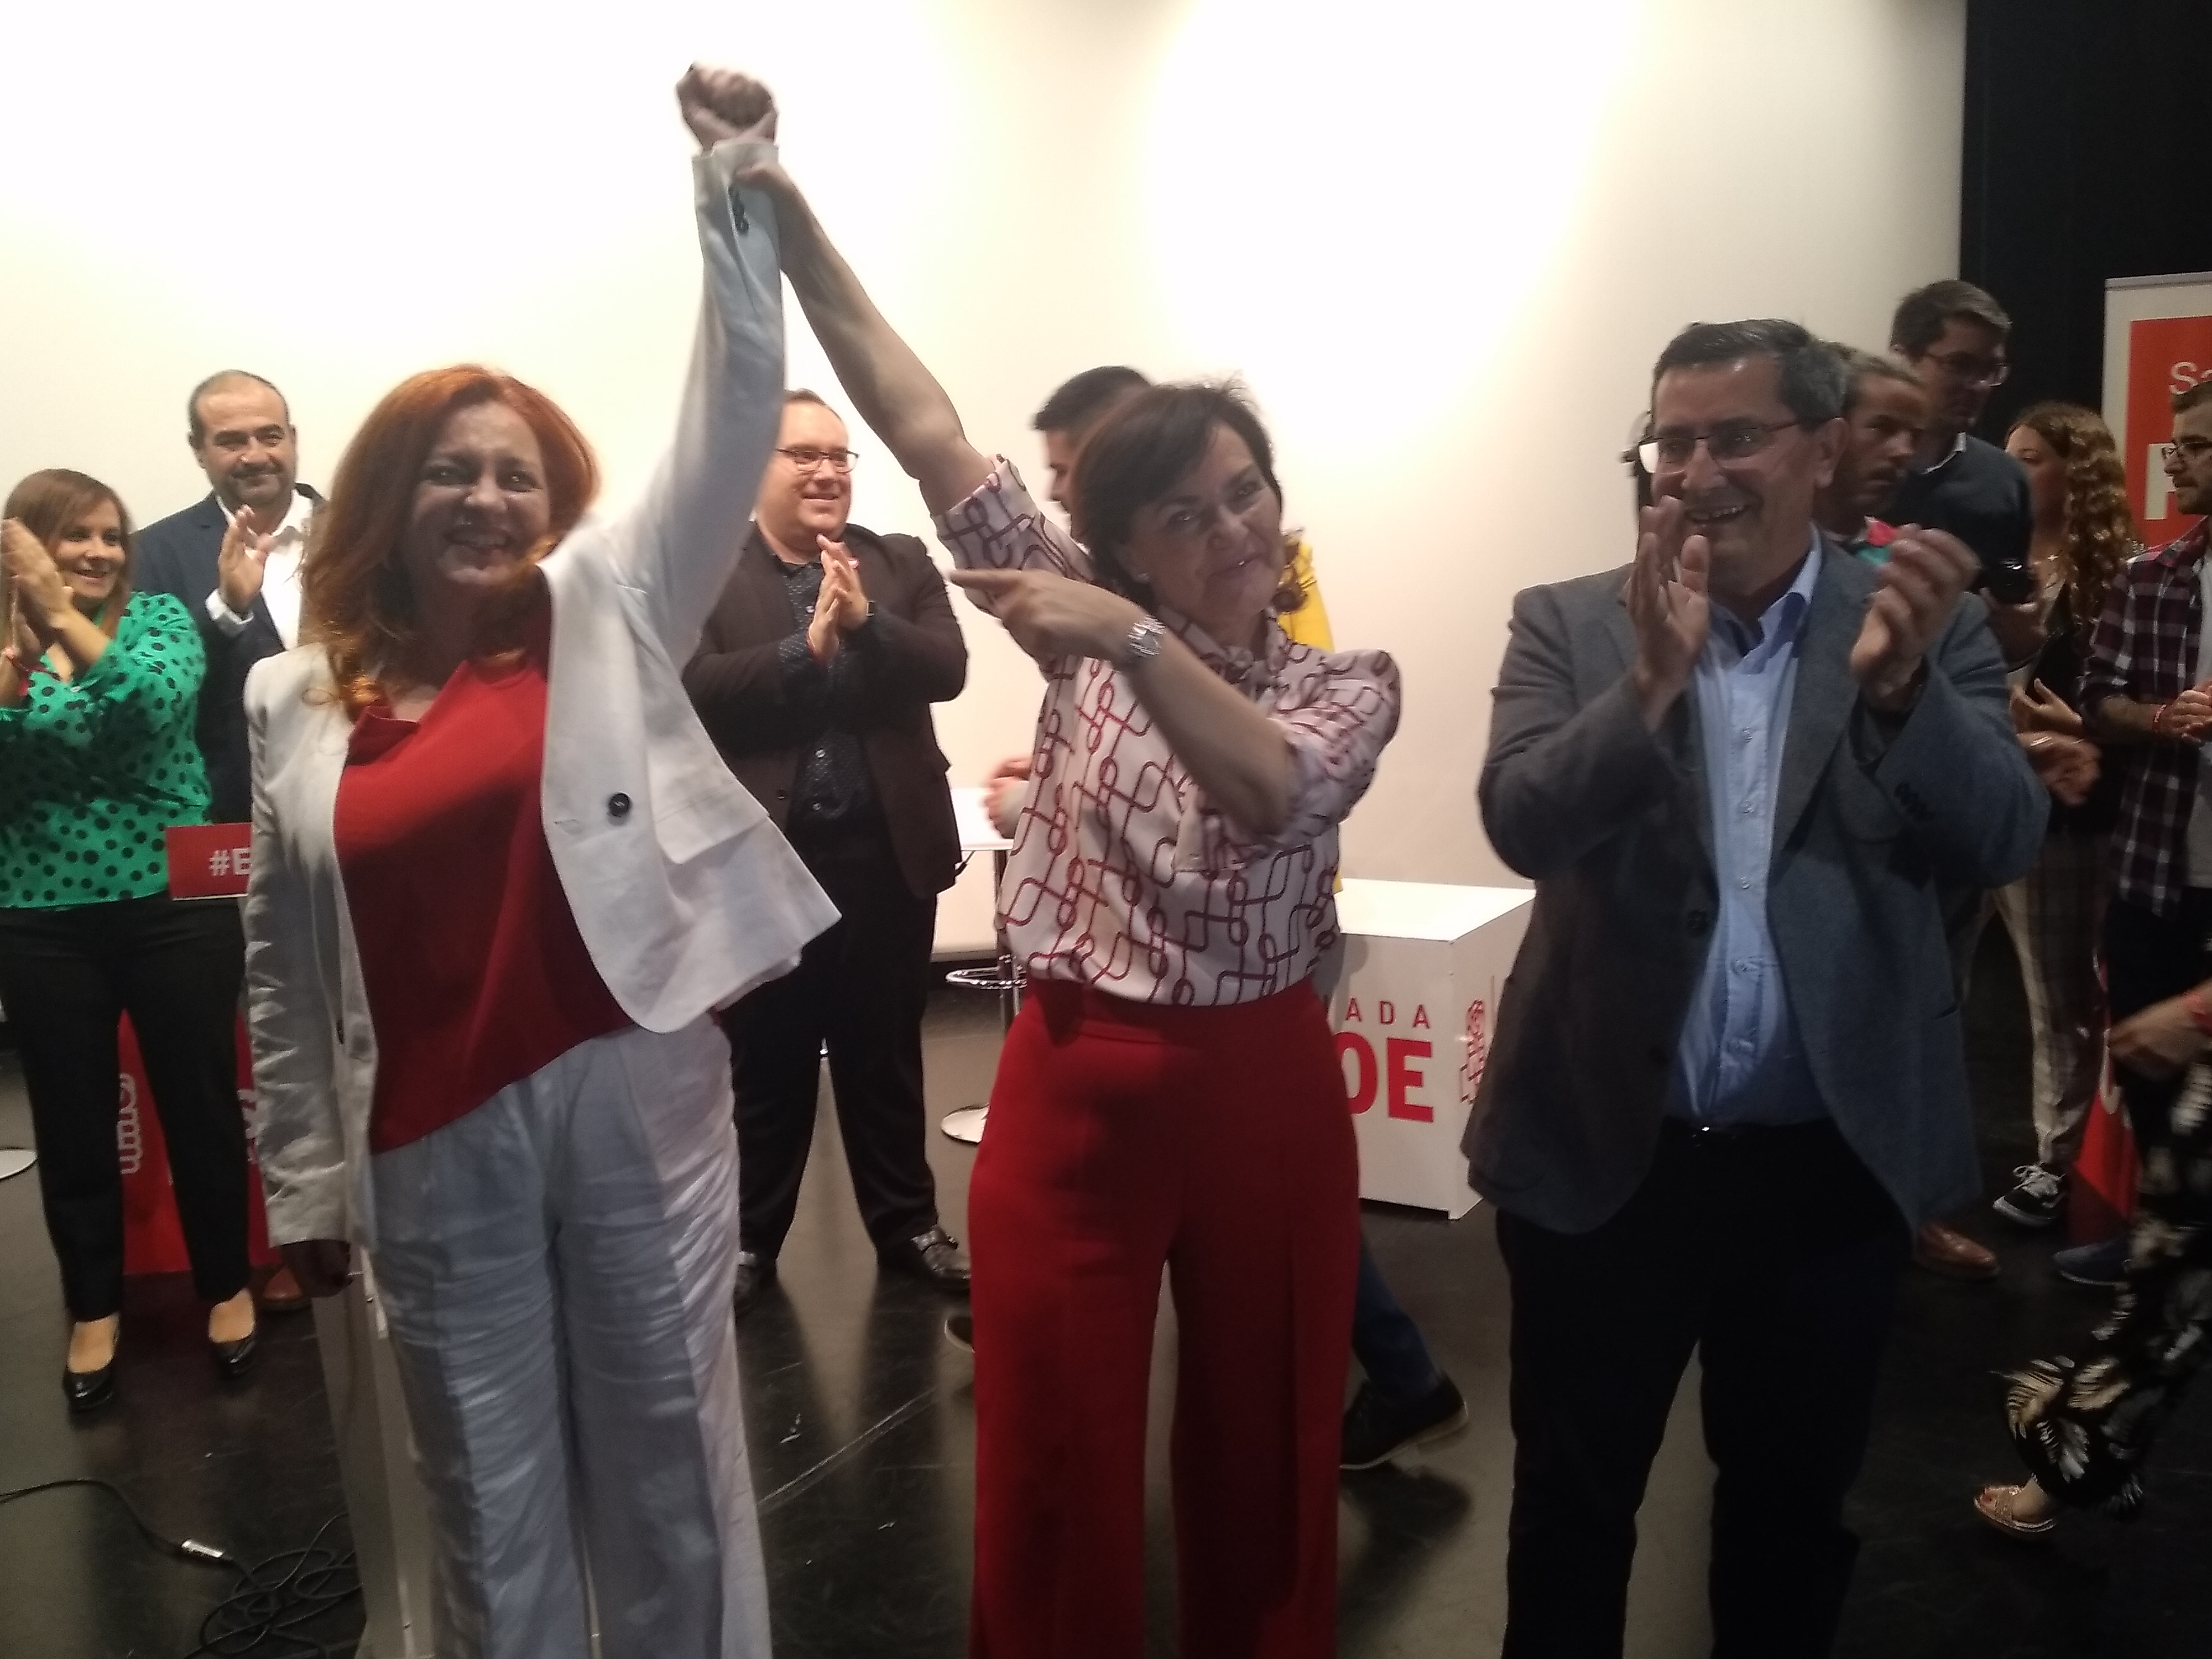 """Entrena asegura que el 28-A sitúa en """"buena posición"""" al PSOE para afrontar las municipales"""